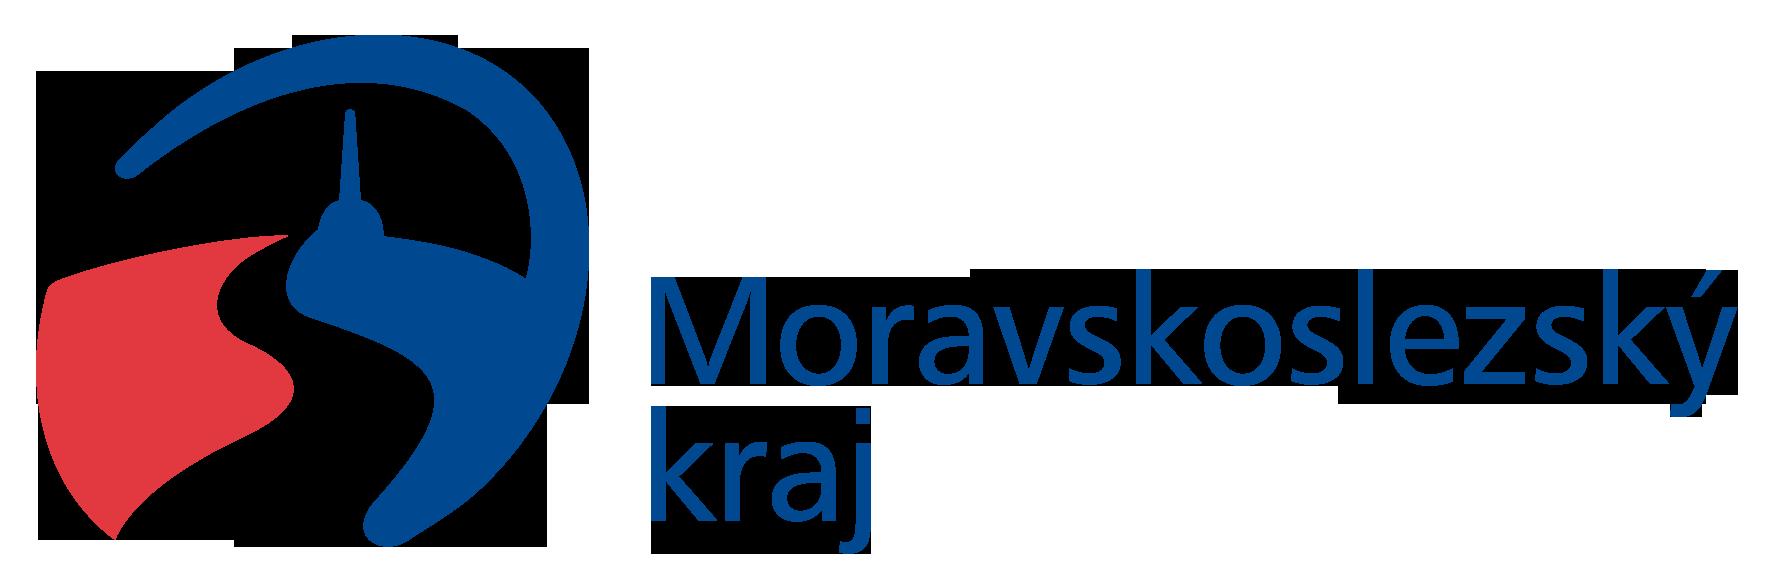 MoravskoslezskyKraj